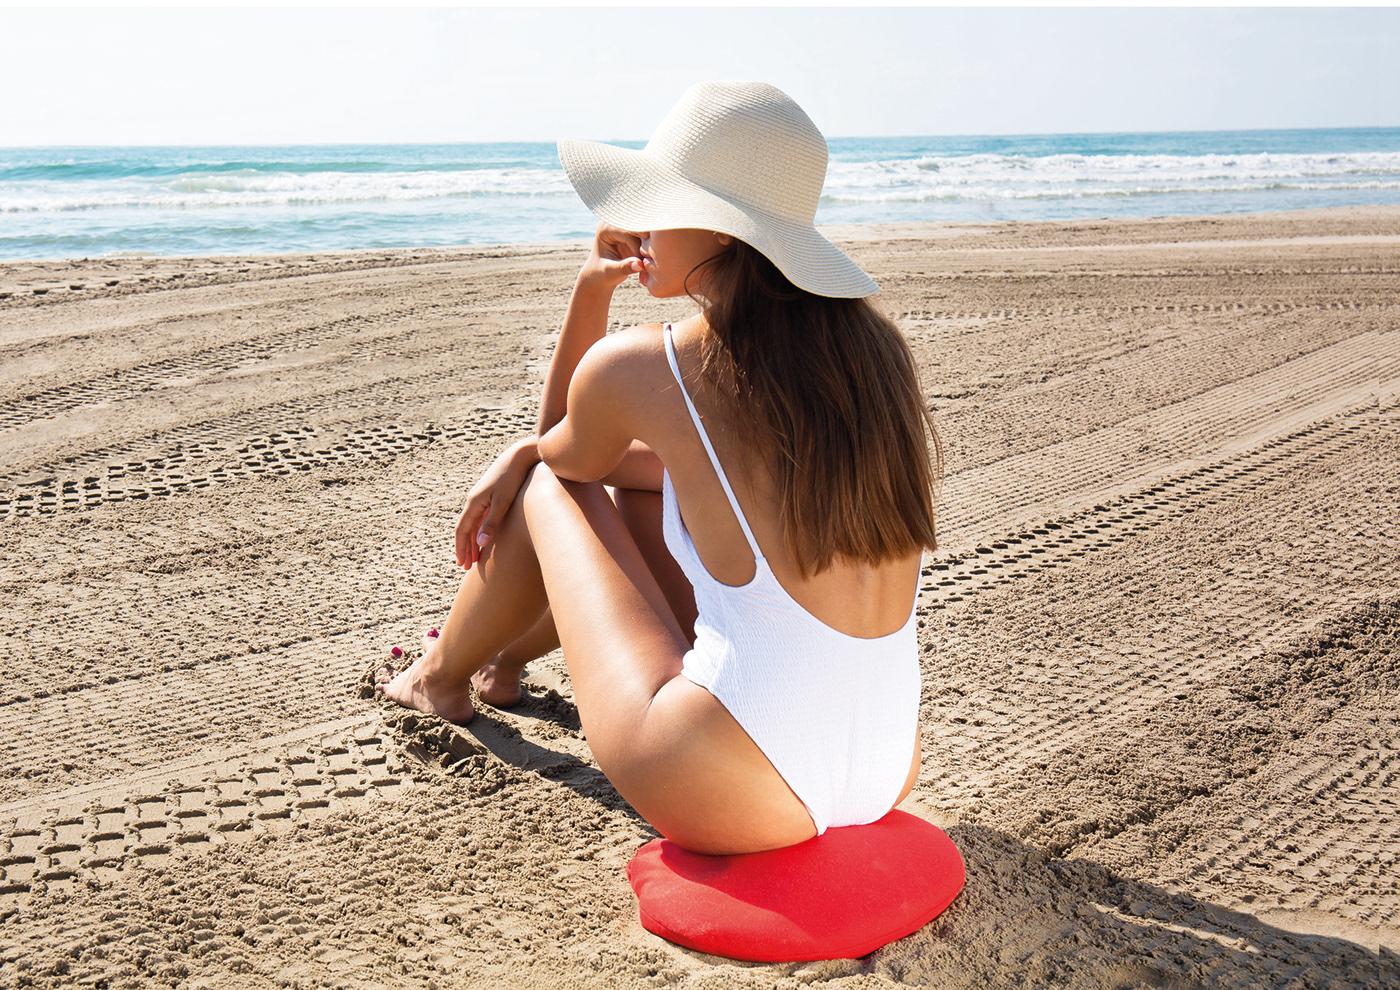 almohadón Outdoor producto nude 2018 valencia diabla Gandia Blasco Intercrea